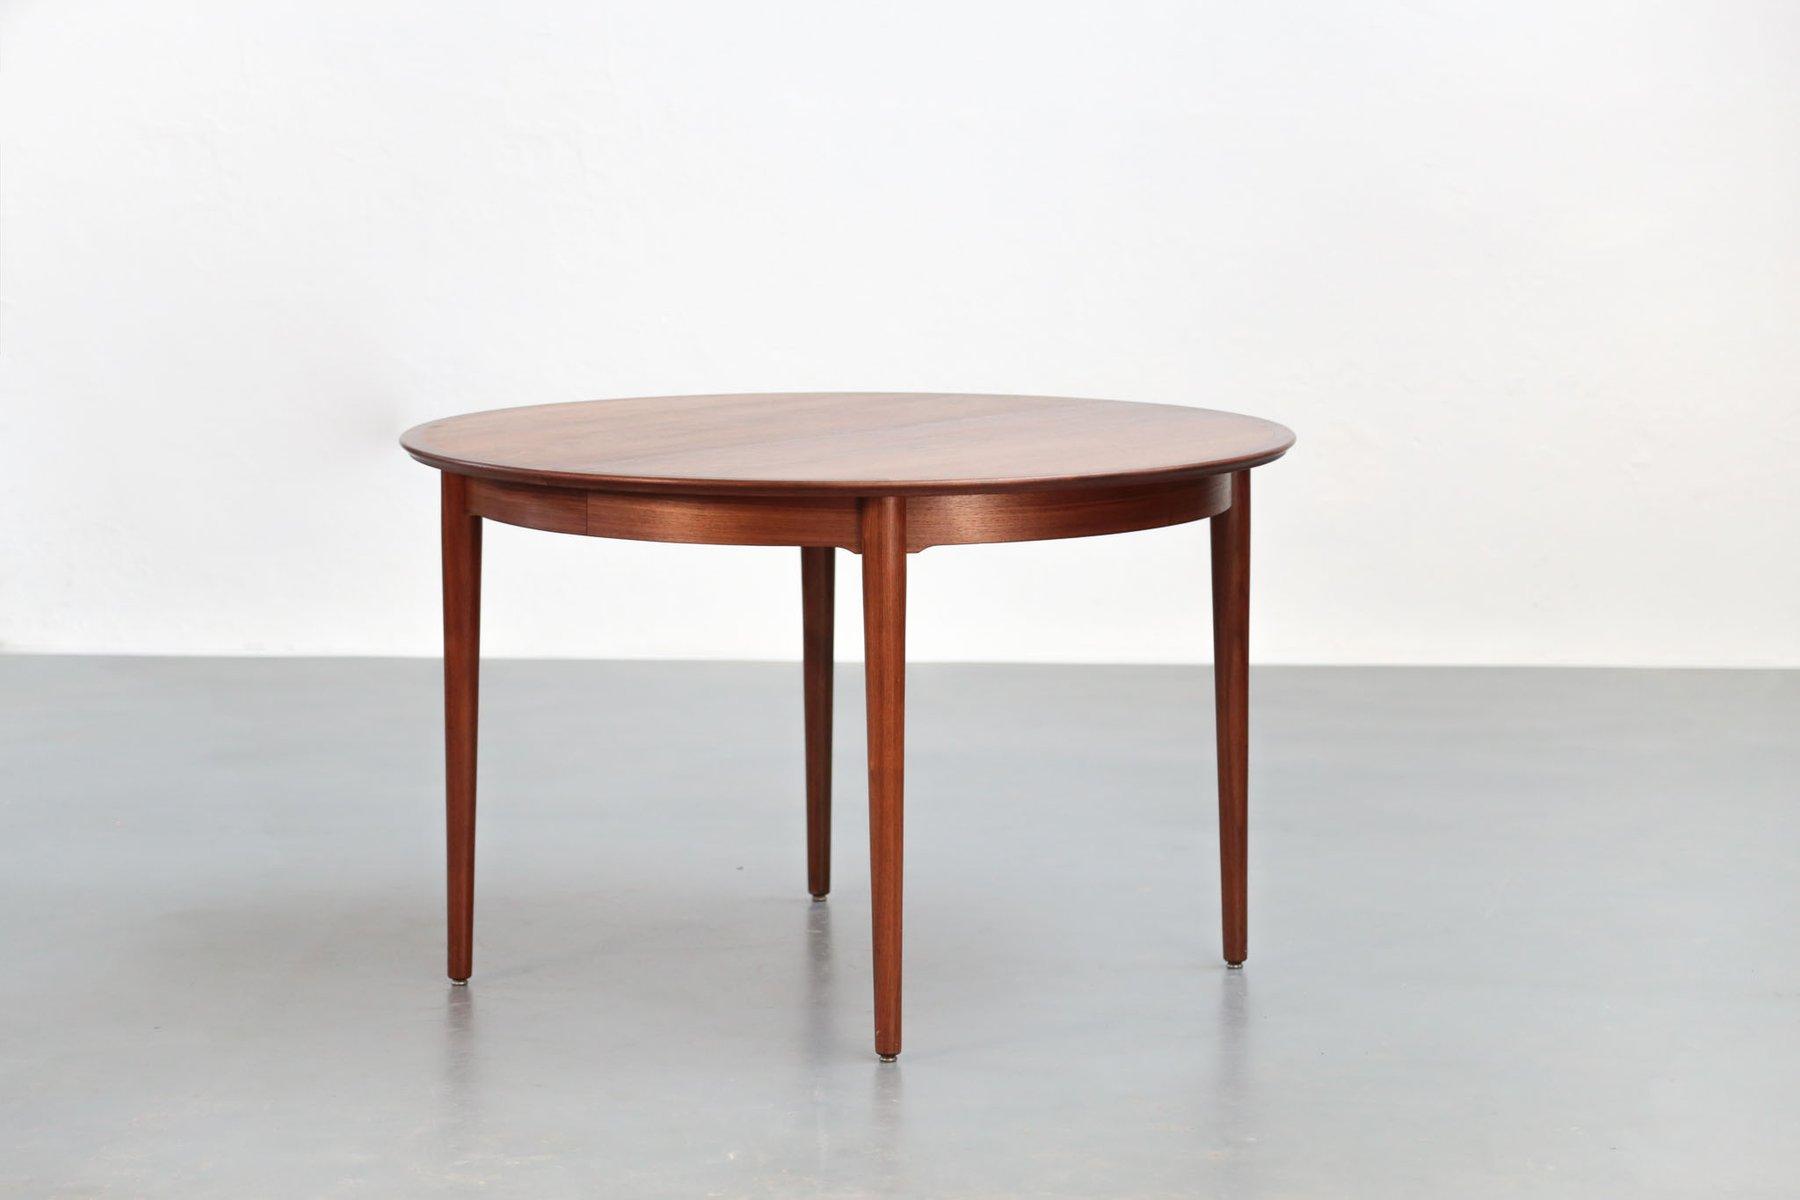 Scandinavian Teak Dining Table By Arne Vodder For P. Olsen Sibast, 1960s  For Sale At Pamono